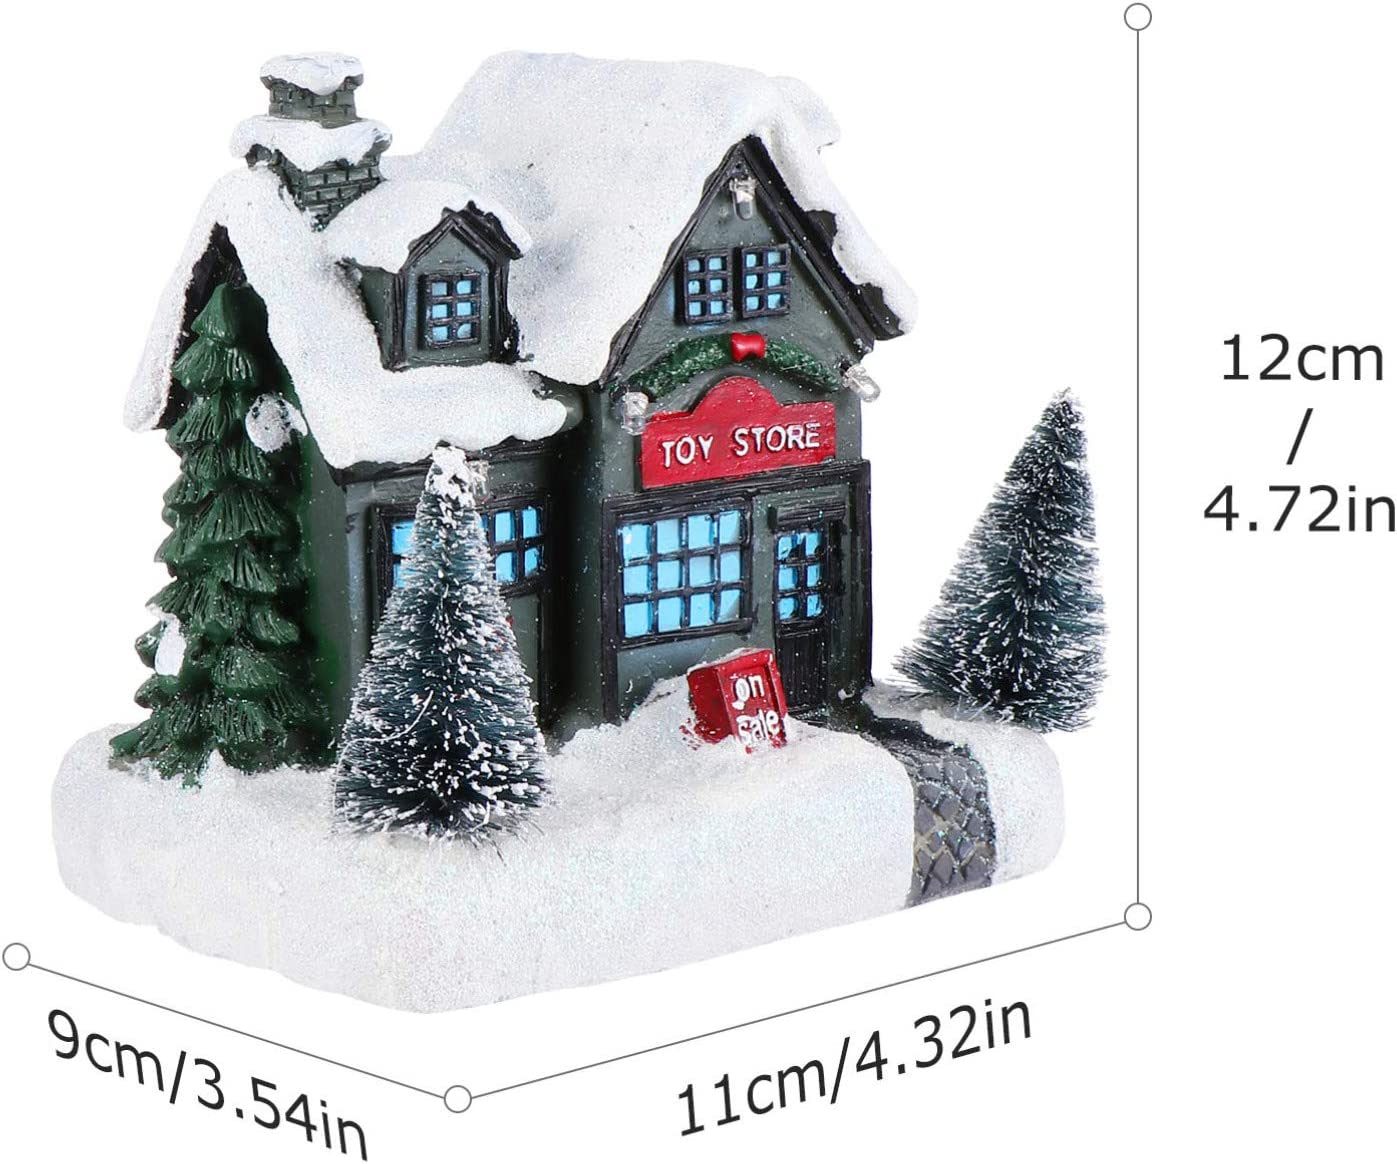 Lurrose 1 Pc Maisons de No/ël Village No/ël P/ère No/ël Lumineux Dessin Anim/é Maison avec D/écoration de Vacances de Neige D/écorations Int/érieures